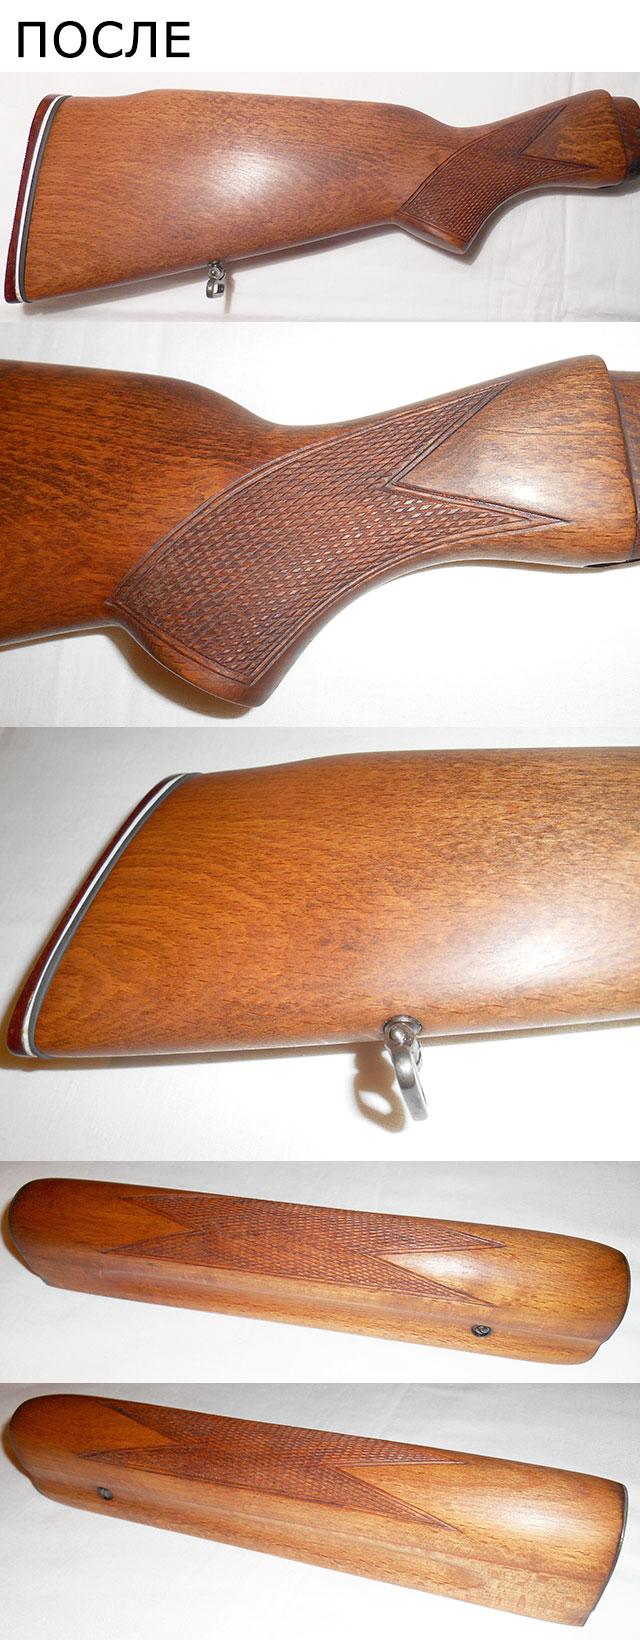 Приклад и цевье ружья МЦ 21-12 после реставрации